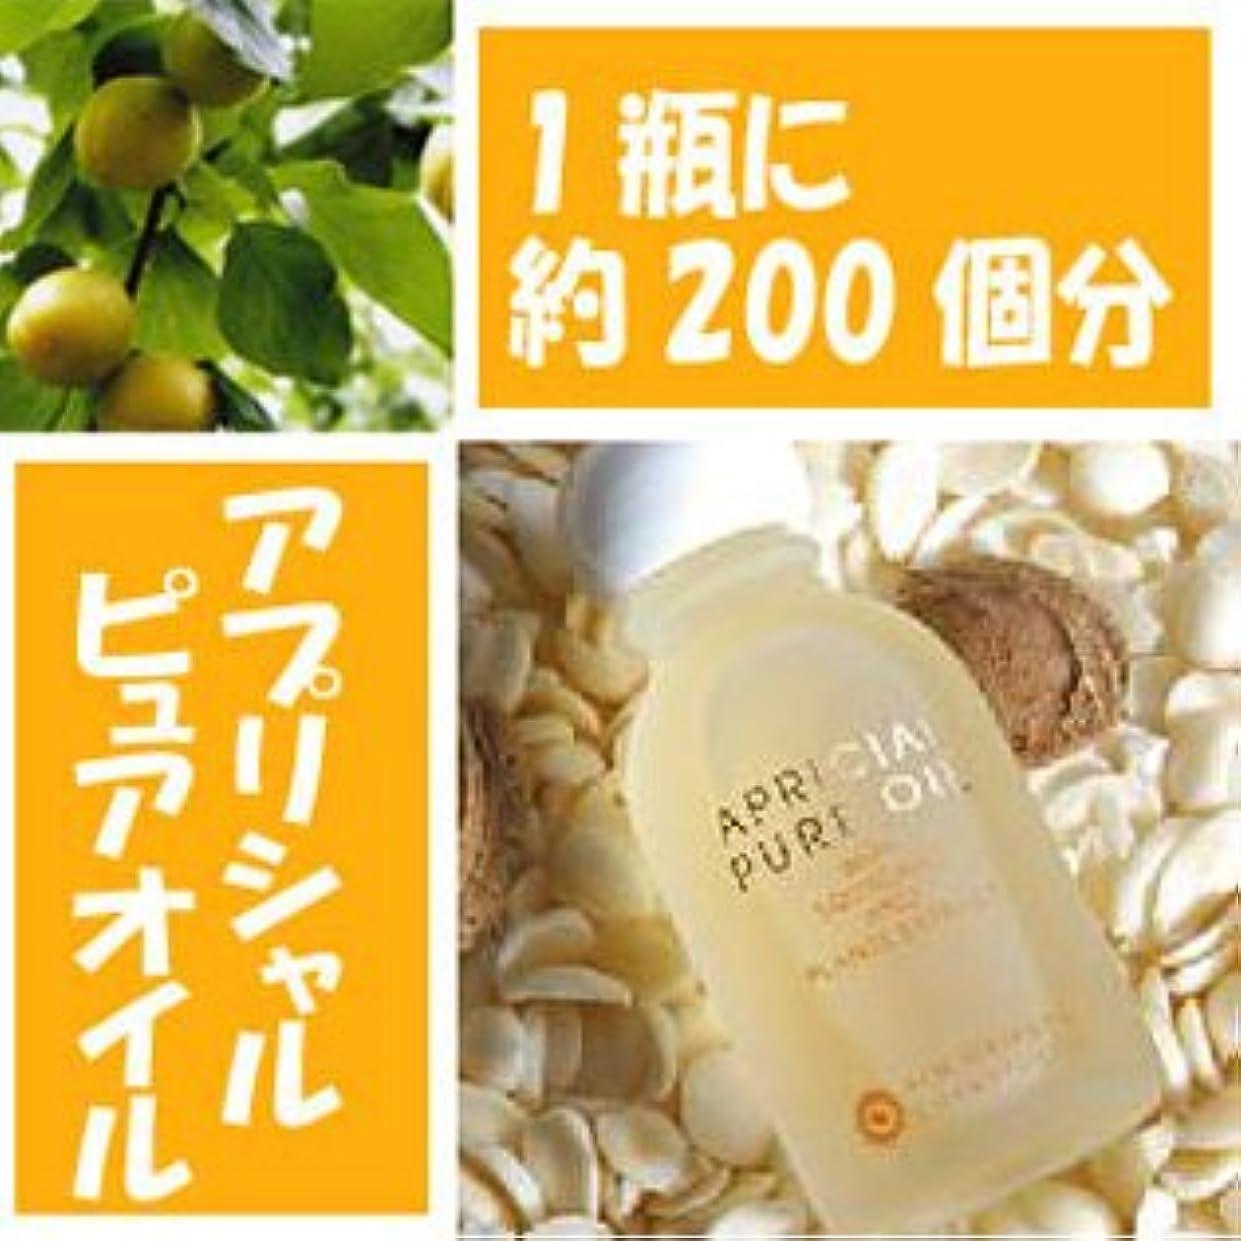 綺麗な柔和すごいアプリシャルピュアオイル(杏仁マッサージオイル)韓国エステのオイルマッサージ